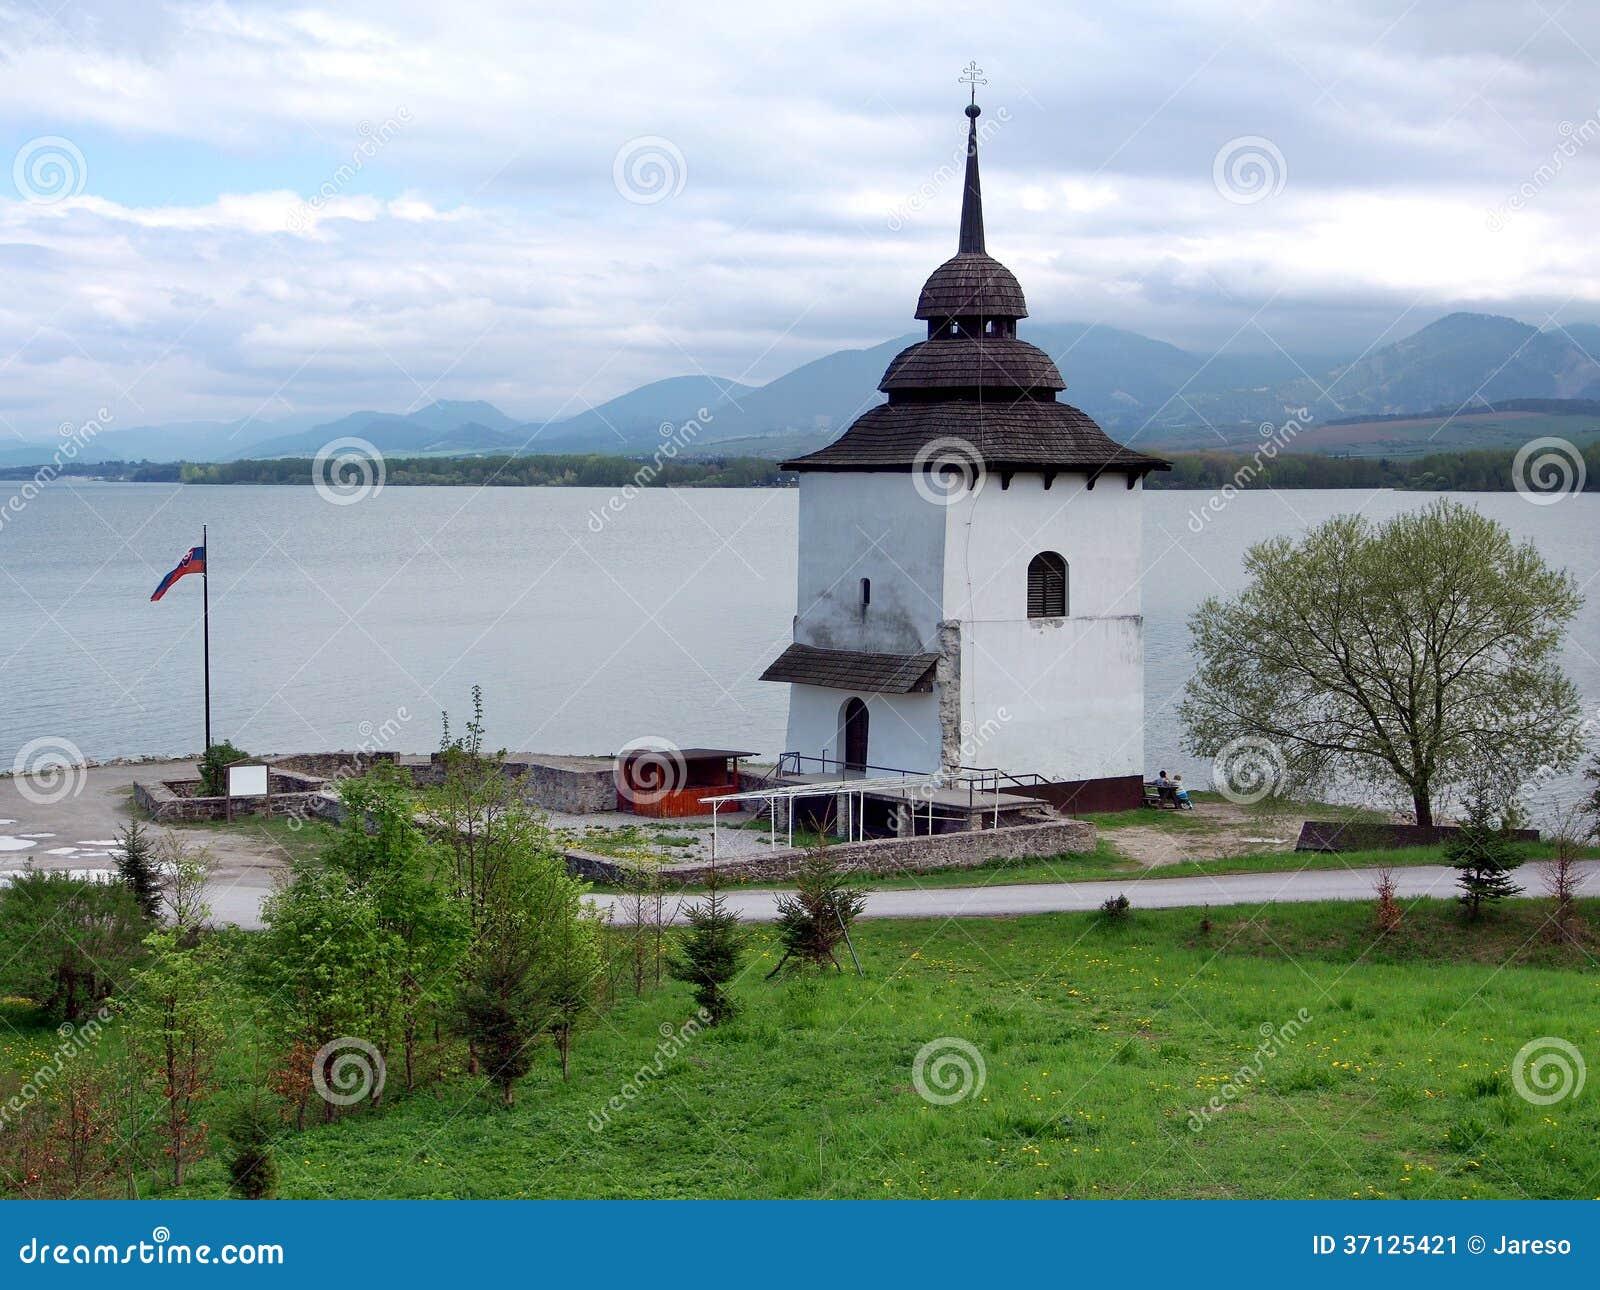 Remains of church at Liptovska Mara, Slovakia